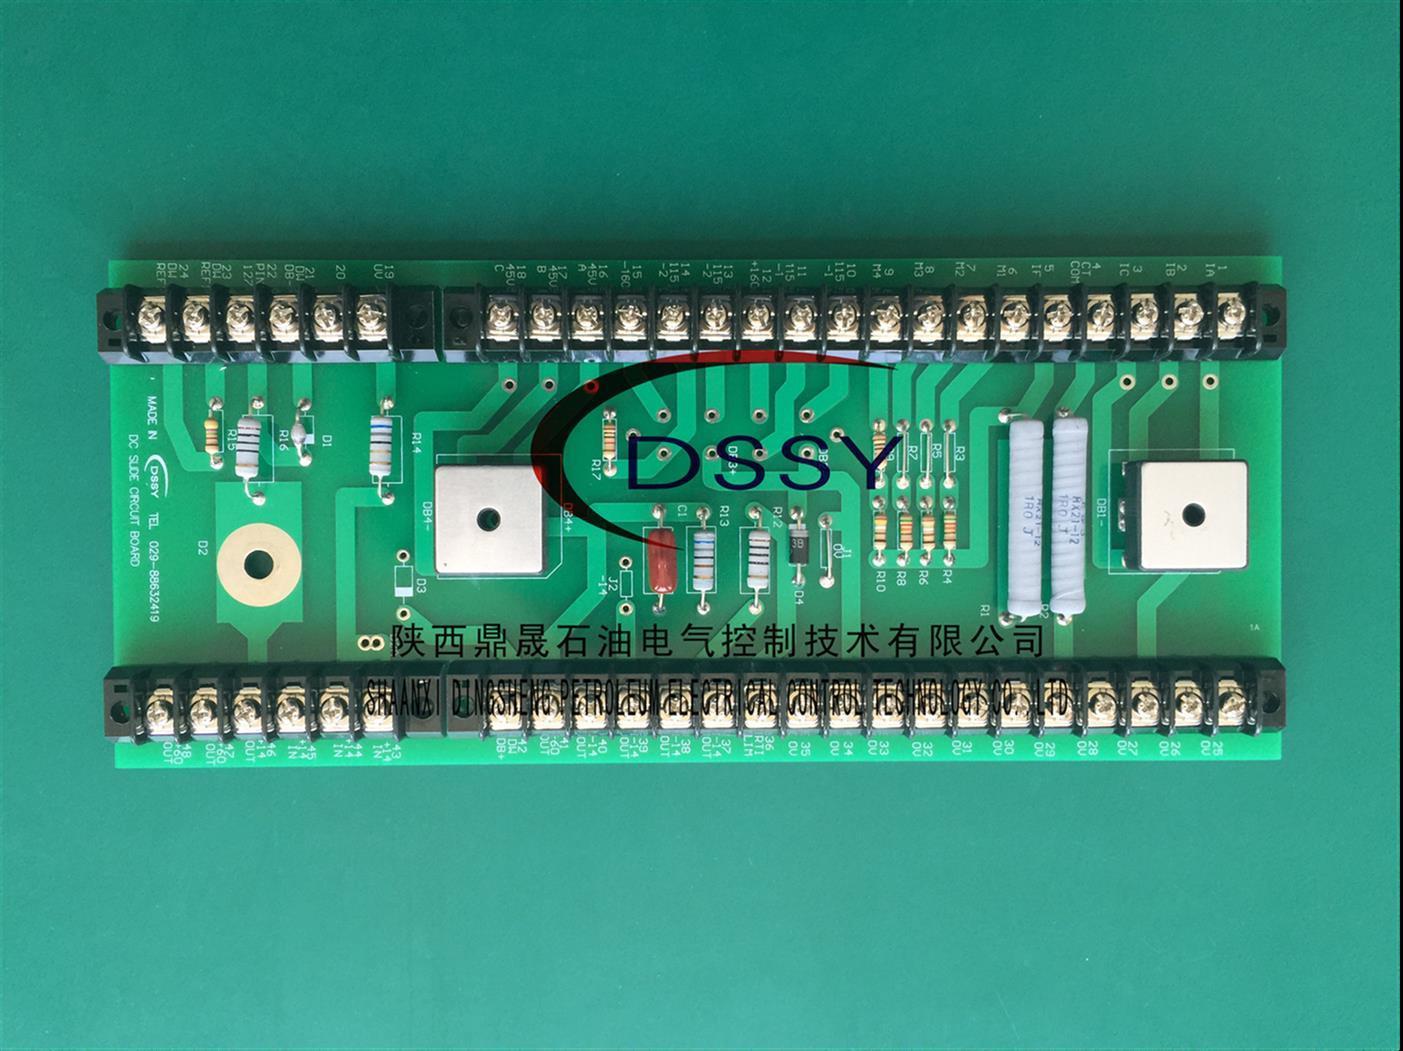 西安宝美司钻台备件及配件电源板0201-0802-0001-00